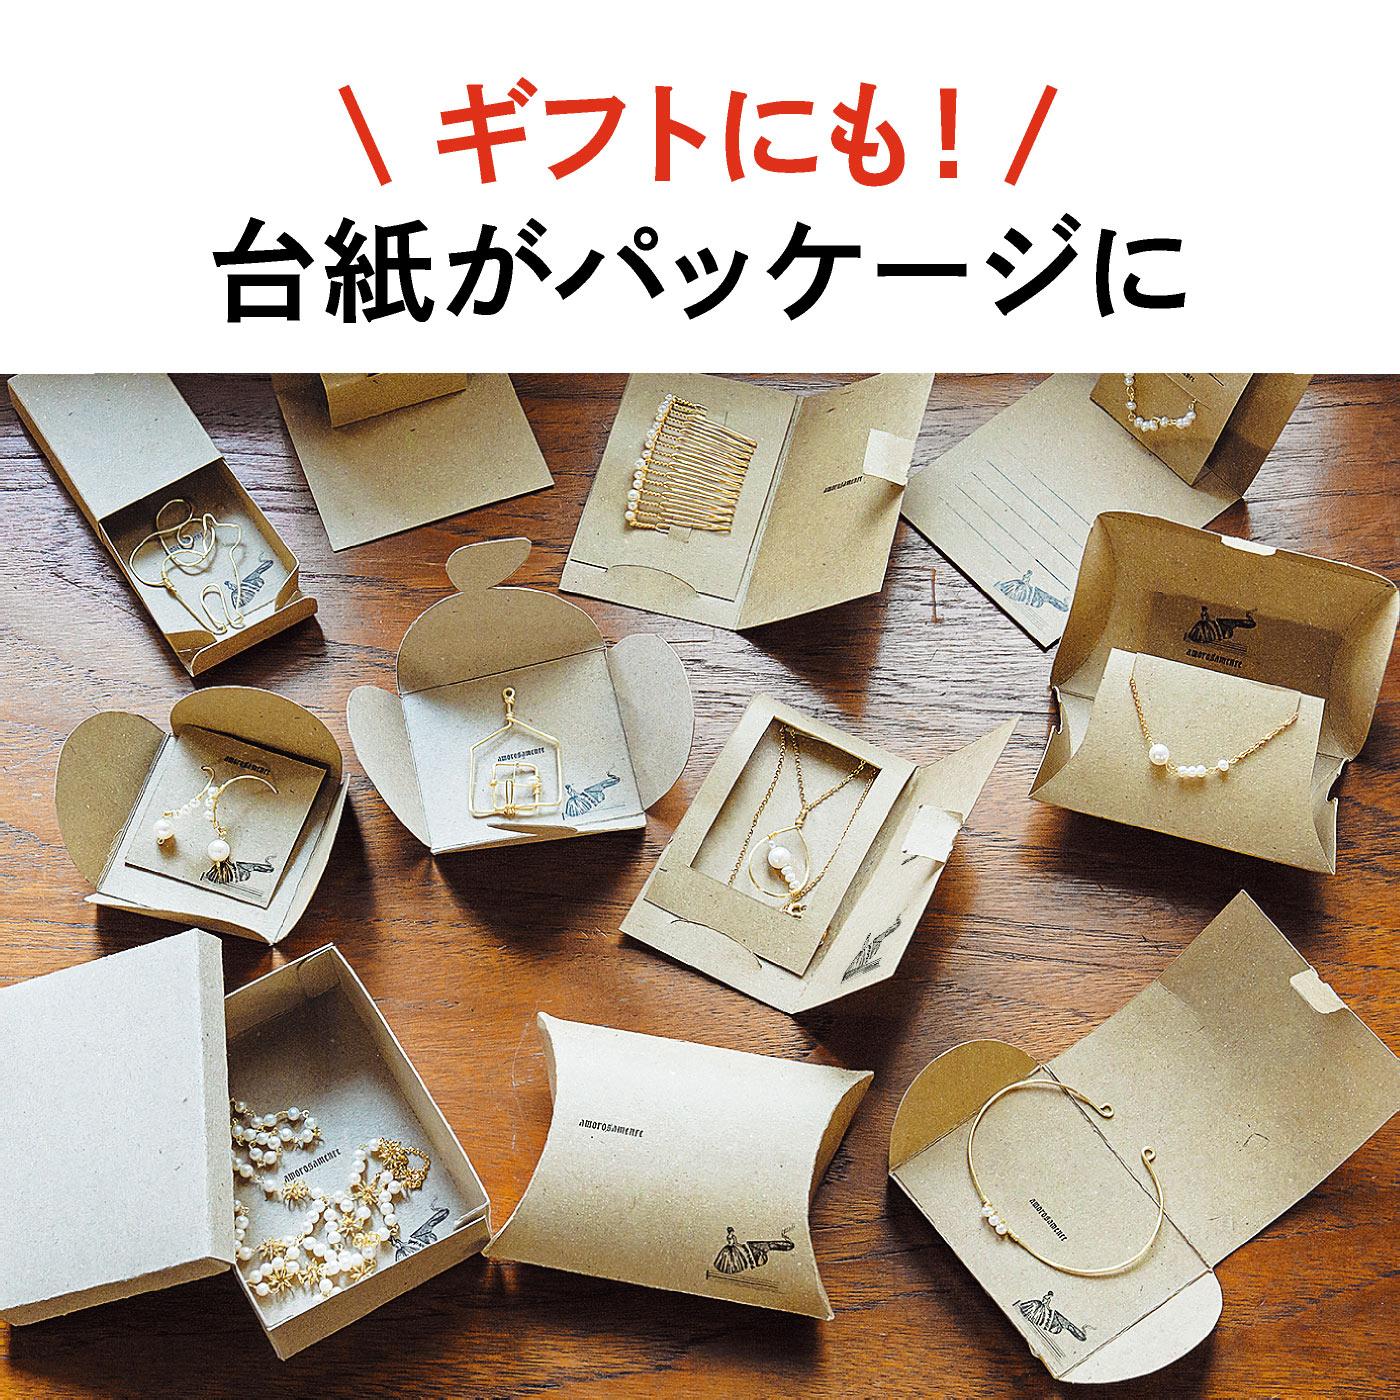 お届けのパッケージ型紙台紙を切って組み立てるとギフトパッケージに!